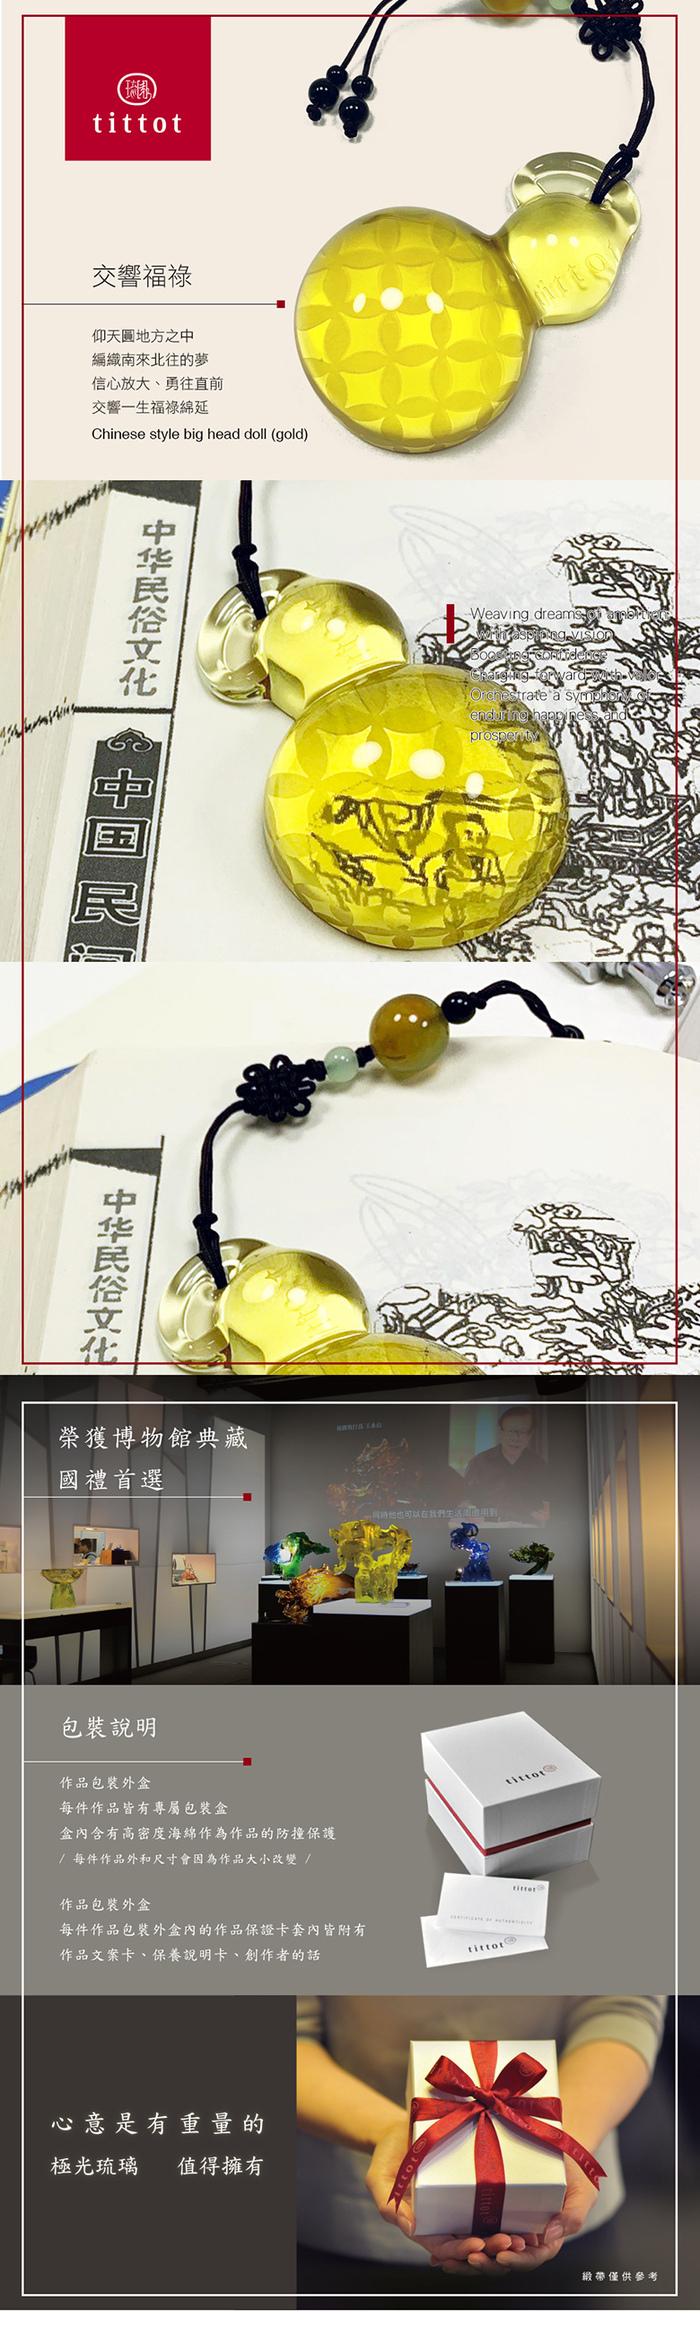 (複製)tittot 琉園|大展鴻福_名片座